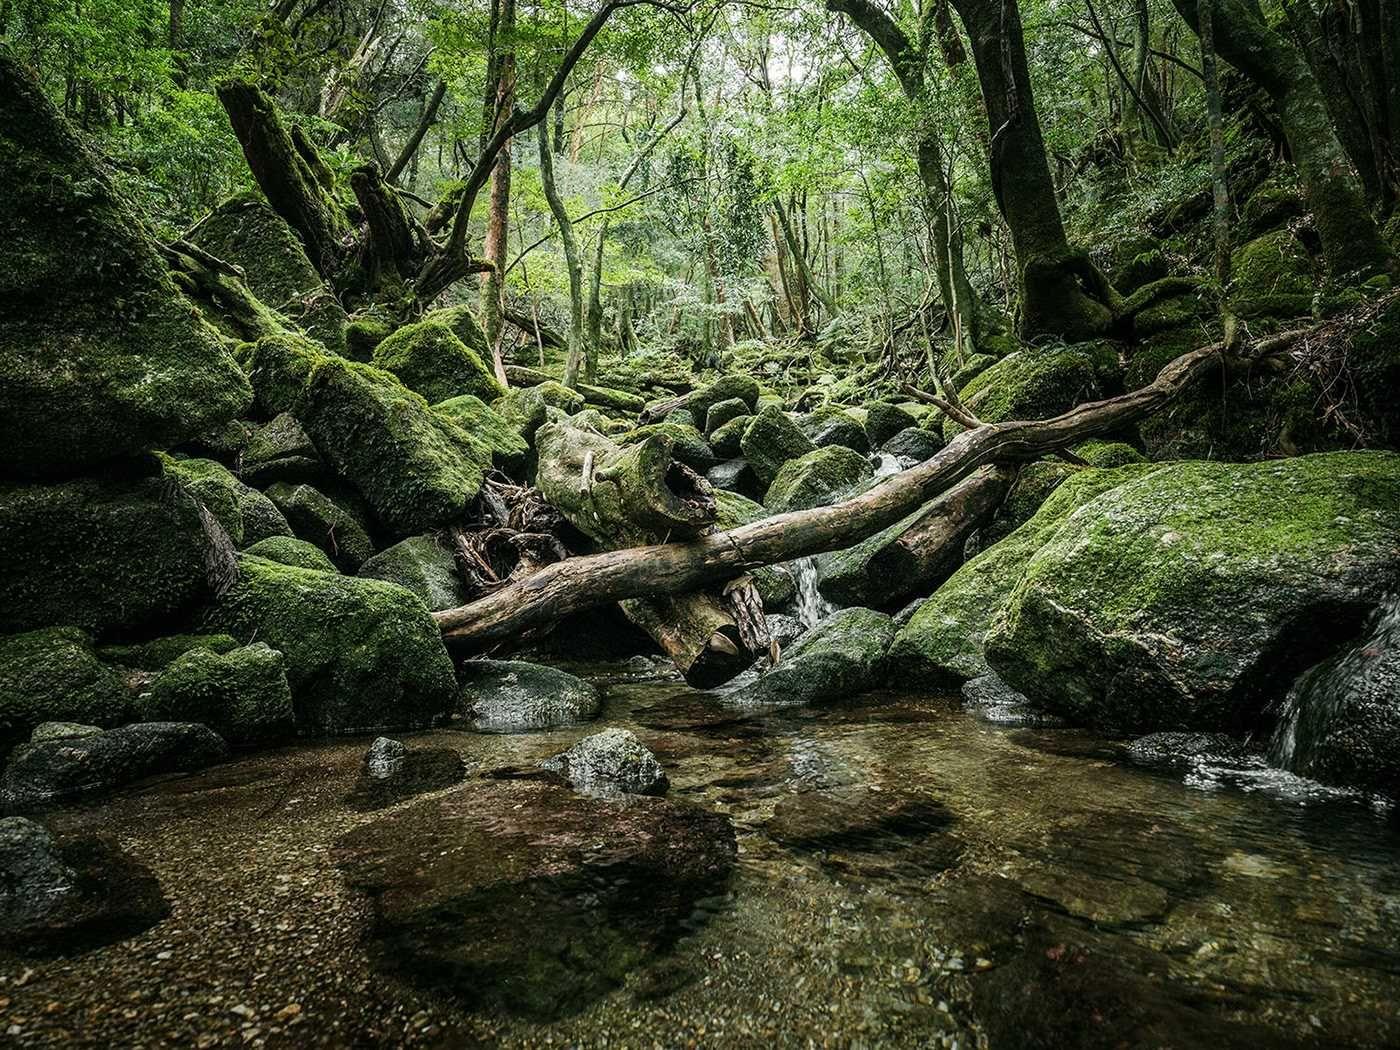 Yakushima The Forest Spirit Landscape Photography By Raphael Olivier Forest Spirit Landscape Photography Forest Landscape